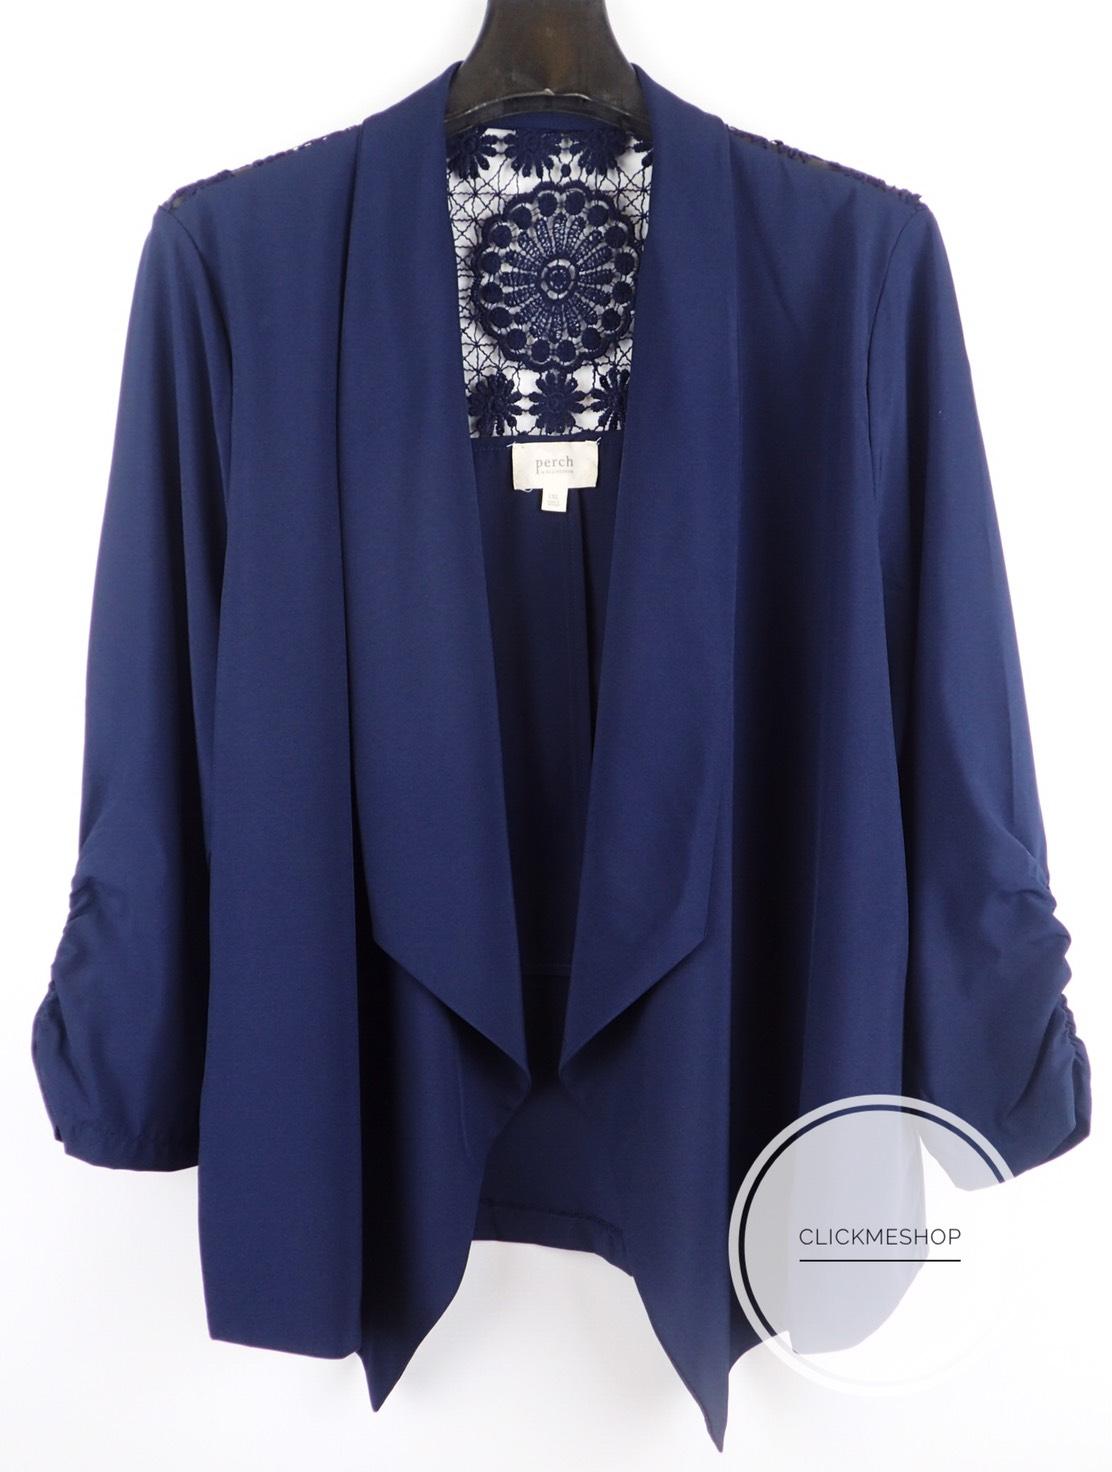 ( ไซส์ 2X หน้าอก 48-50 นิ้ว ) เสื้อคลุม สีน้ำเงิน ยี่ห้อ Perch by blupepper จีบแขน ด้านหลังแต่งโคเชน่ารักคะ